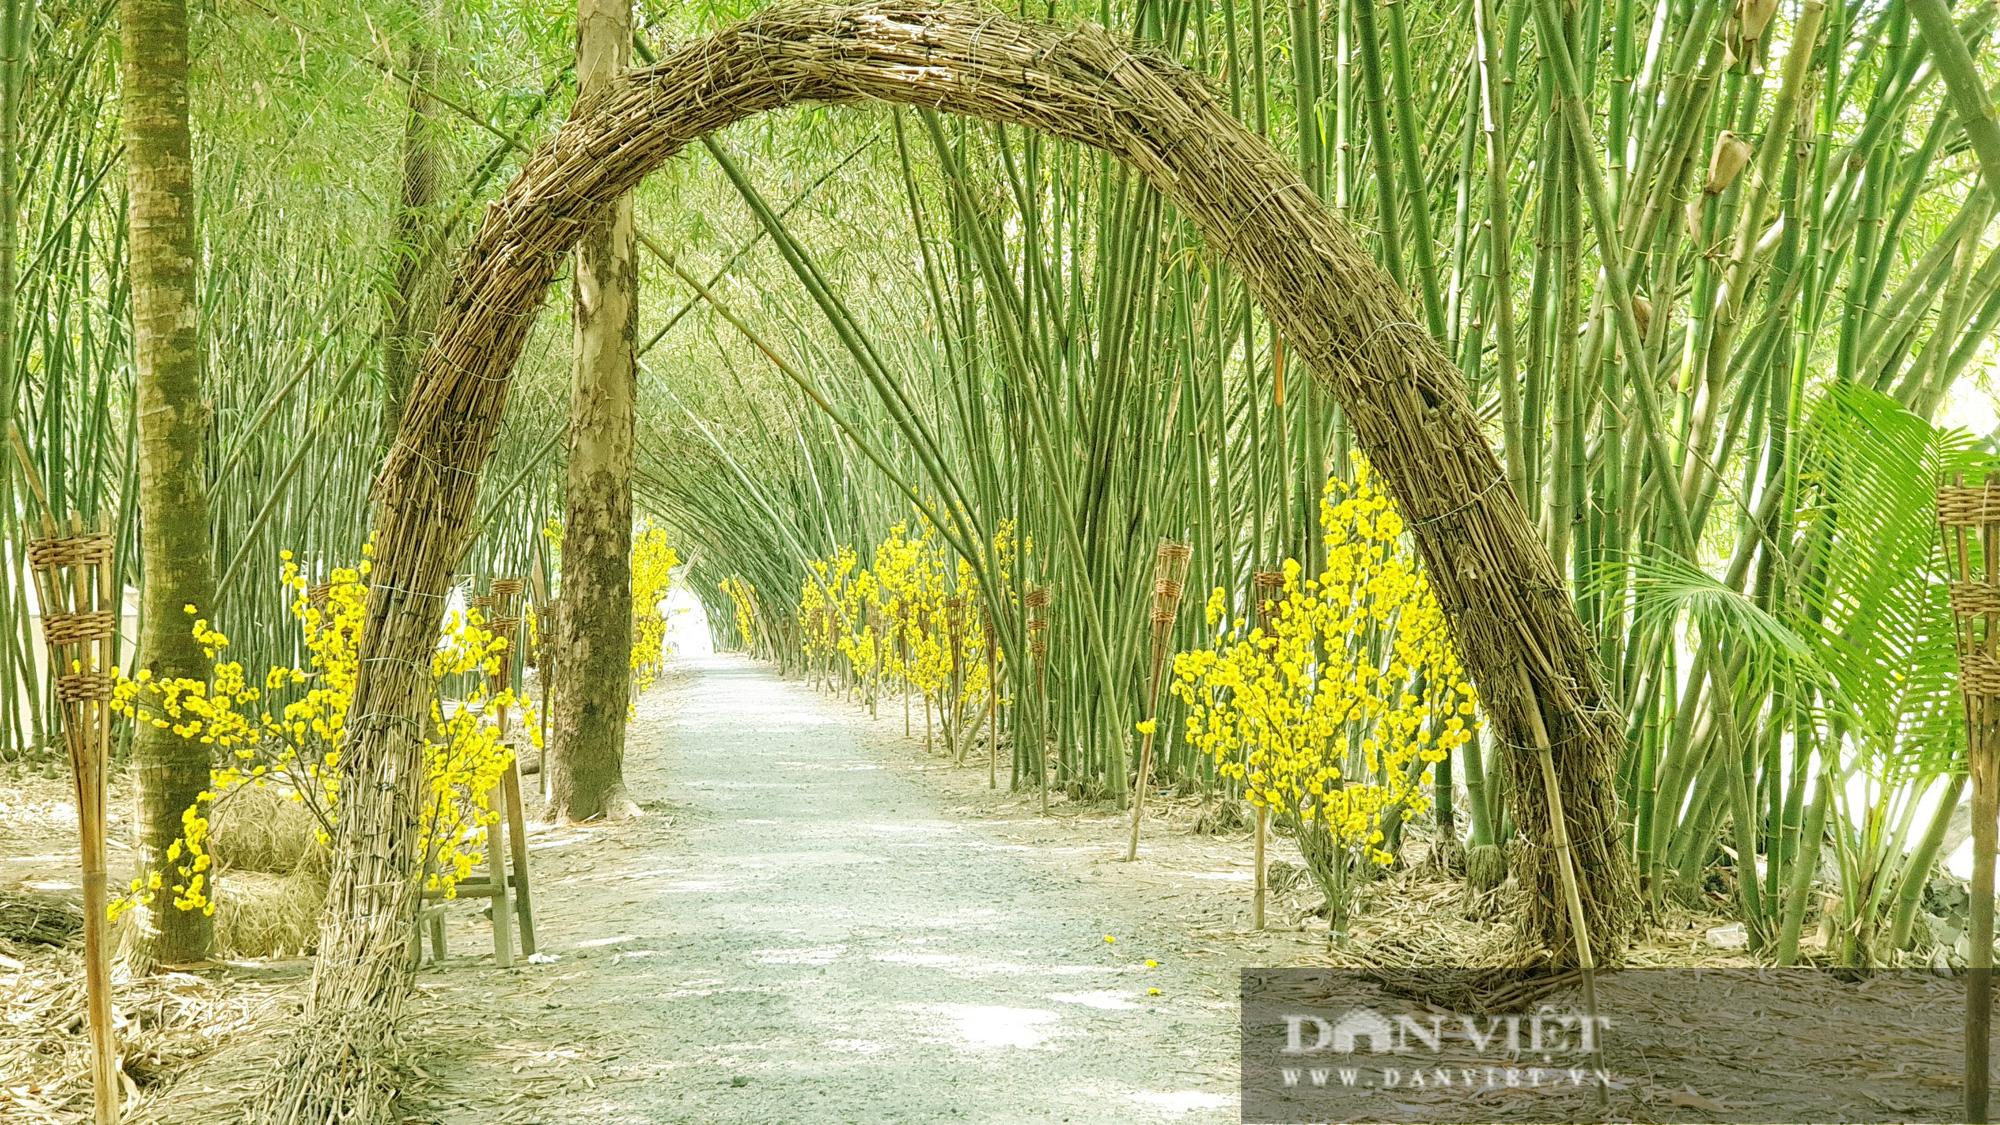 Khám phá vườn tre đẹp nhất miền Tây có tuổi đời 30 năm  - Ảnh 3.